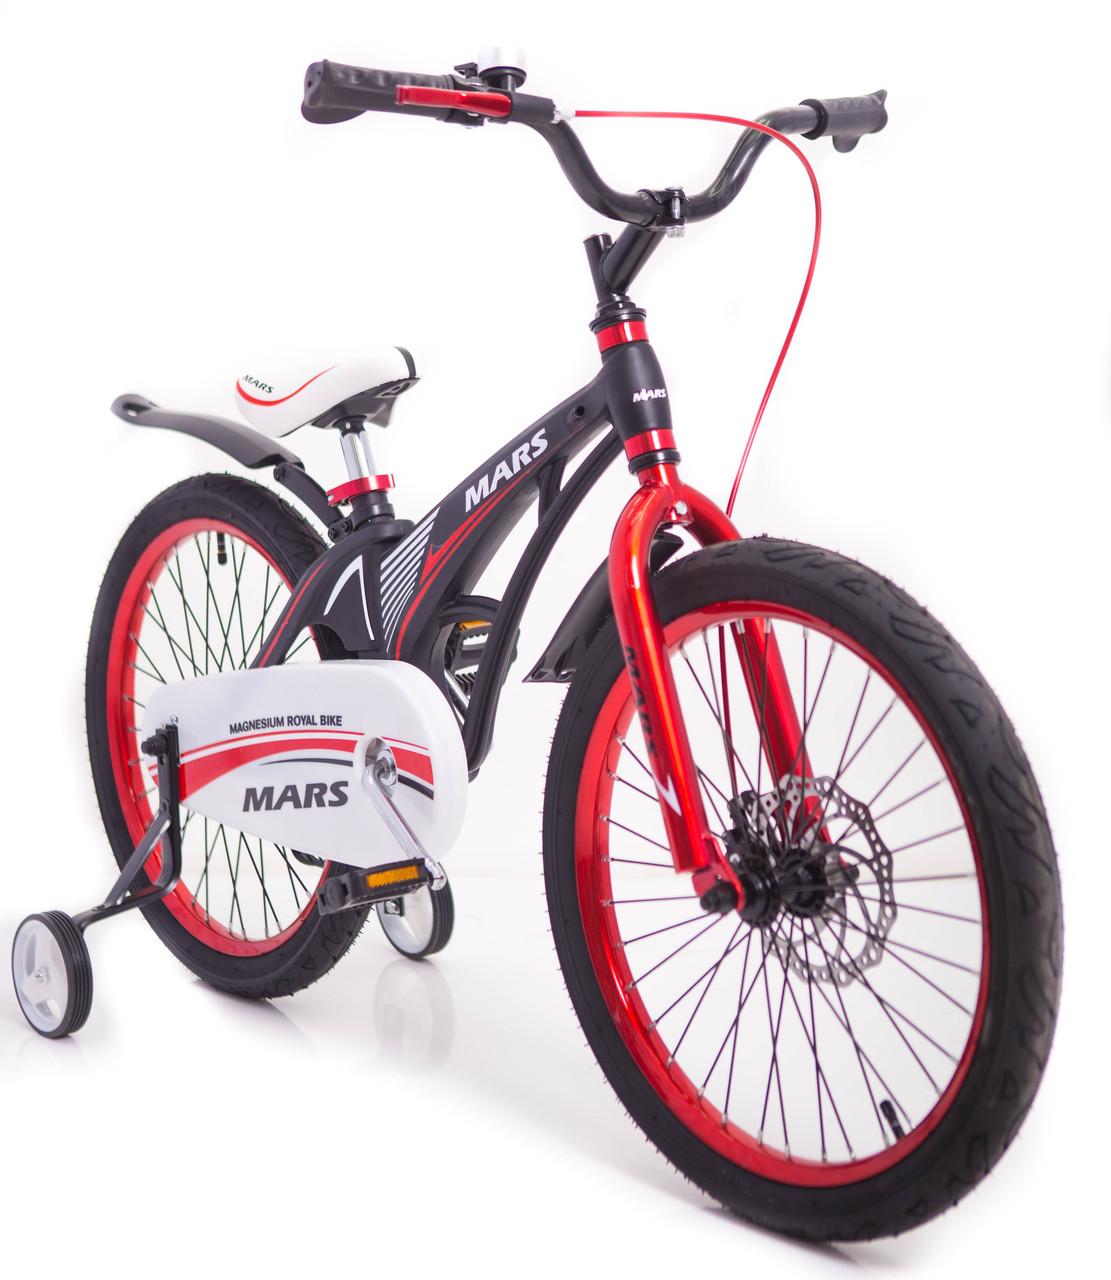 Детский легкий магниевый велосипед  MARS-20 дюймов Черный от 10 лет